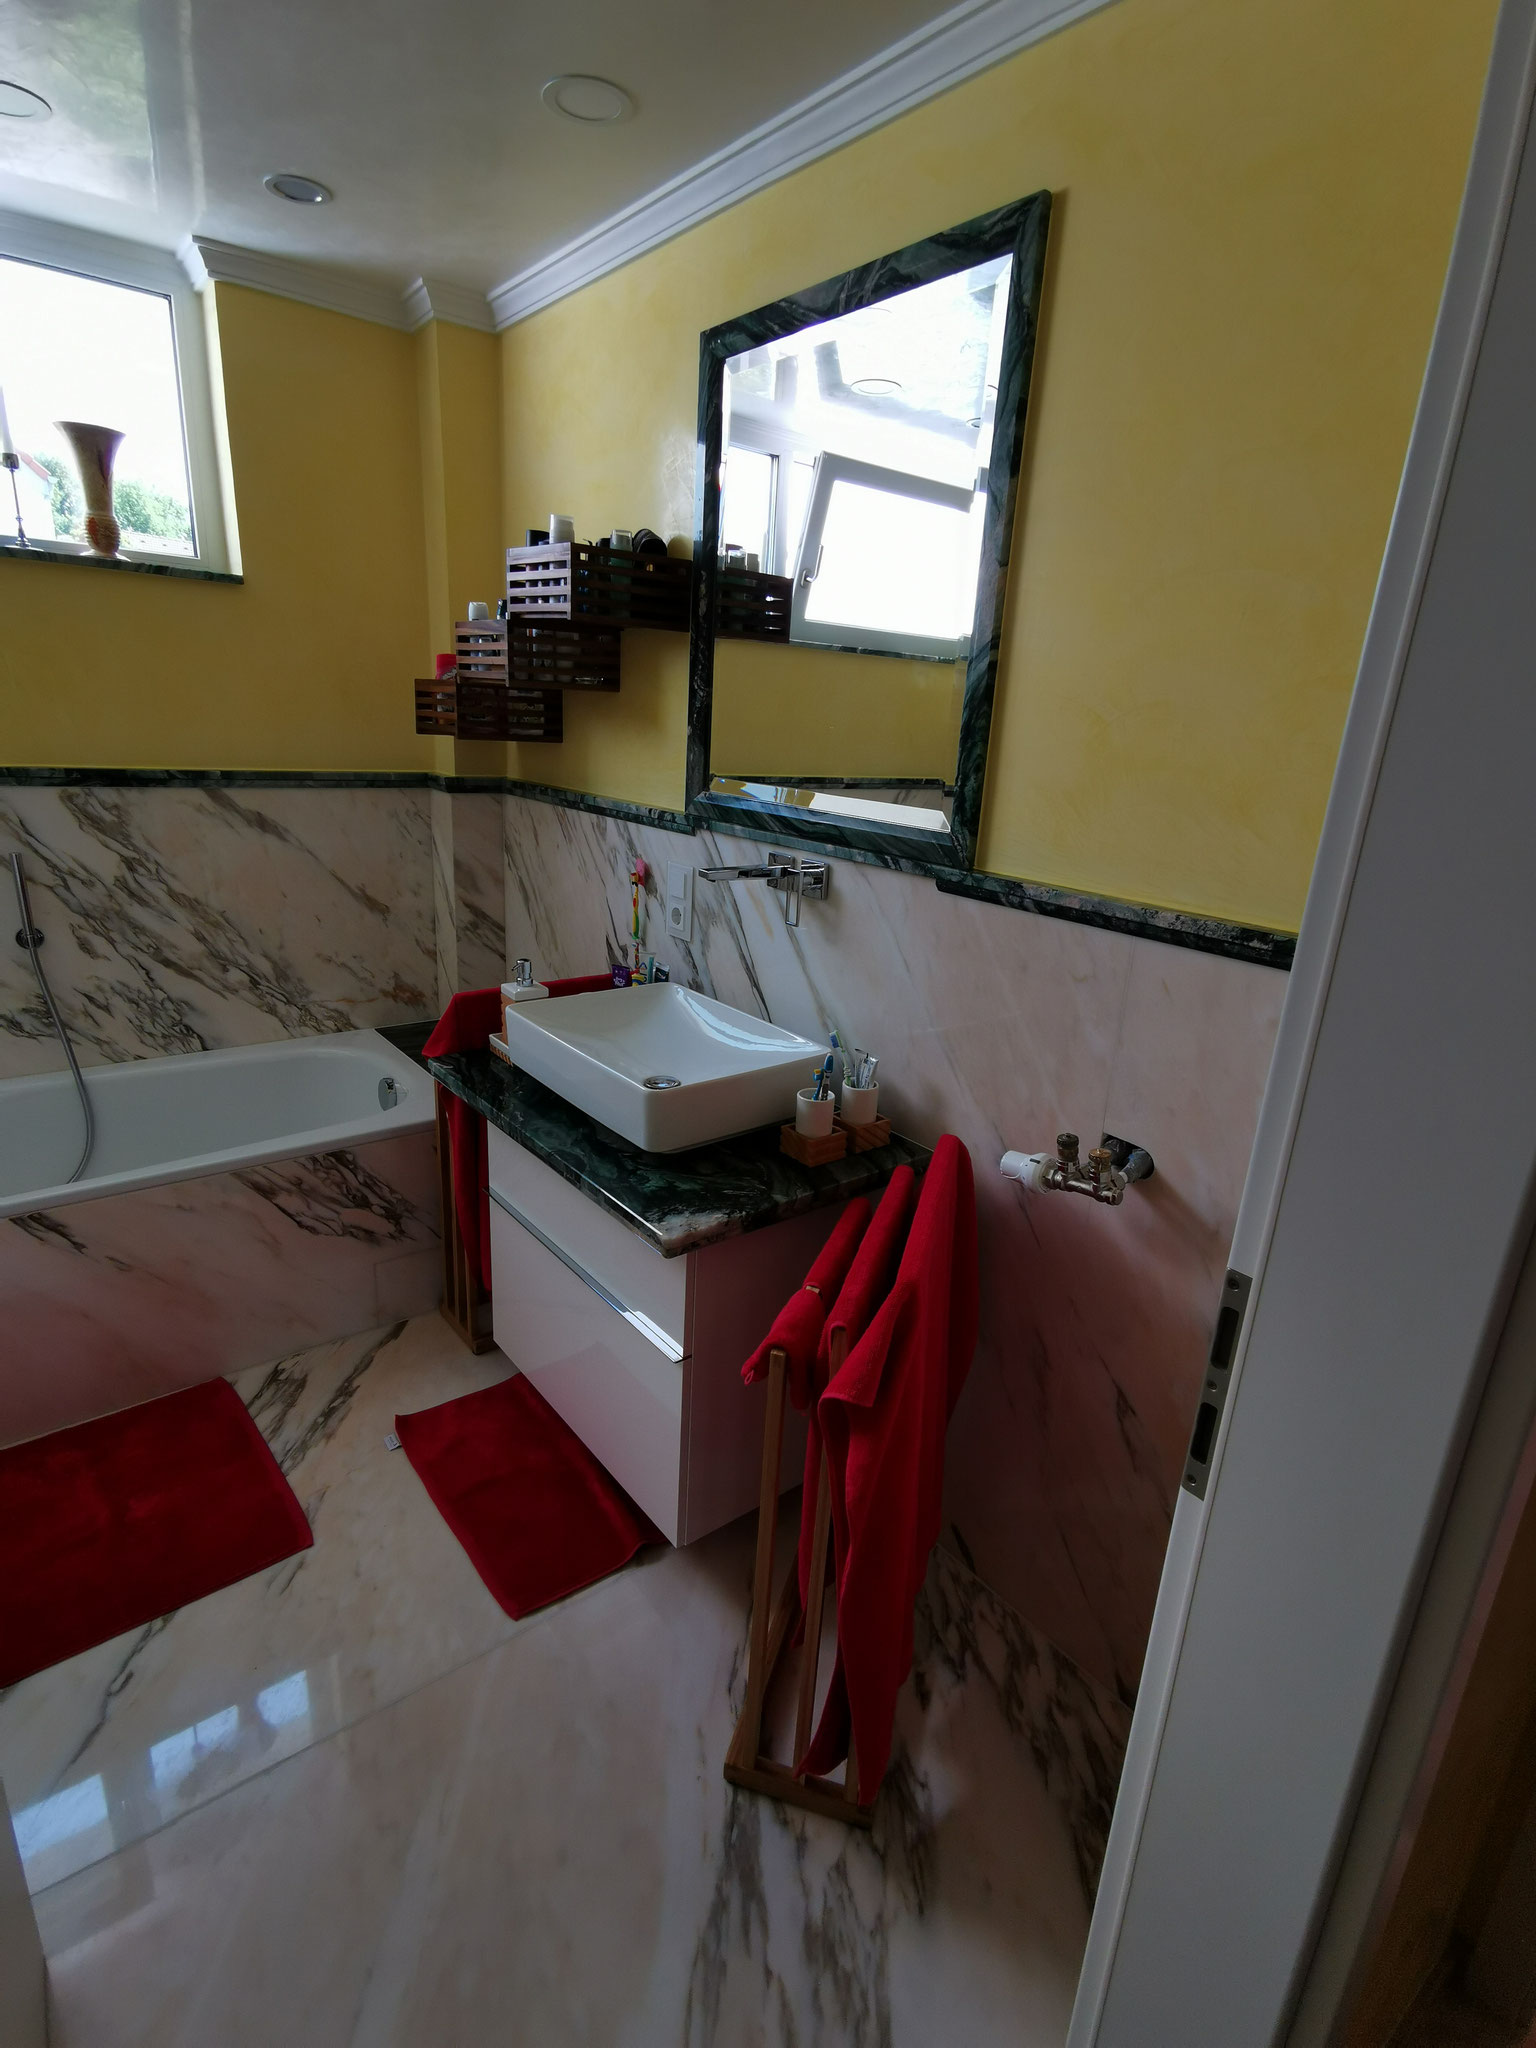 Badezimmer in Estremoz Extra und Verde Lapponia